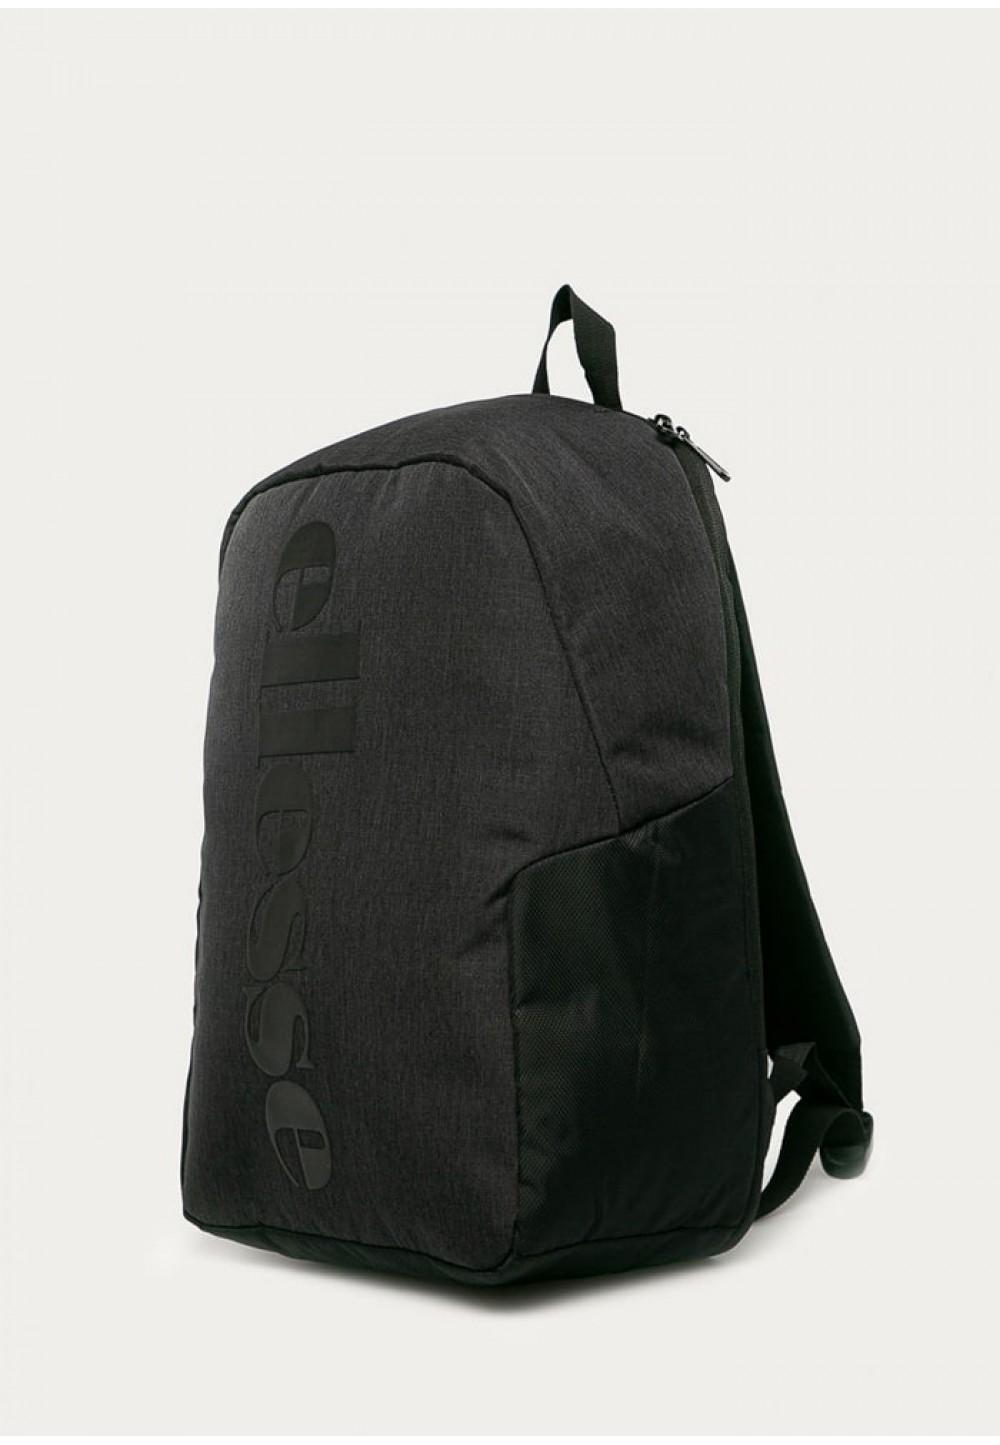 Практичный темный мужской рюкзак